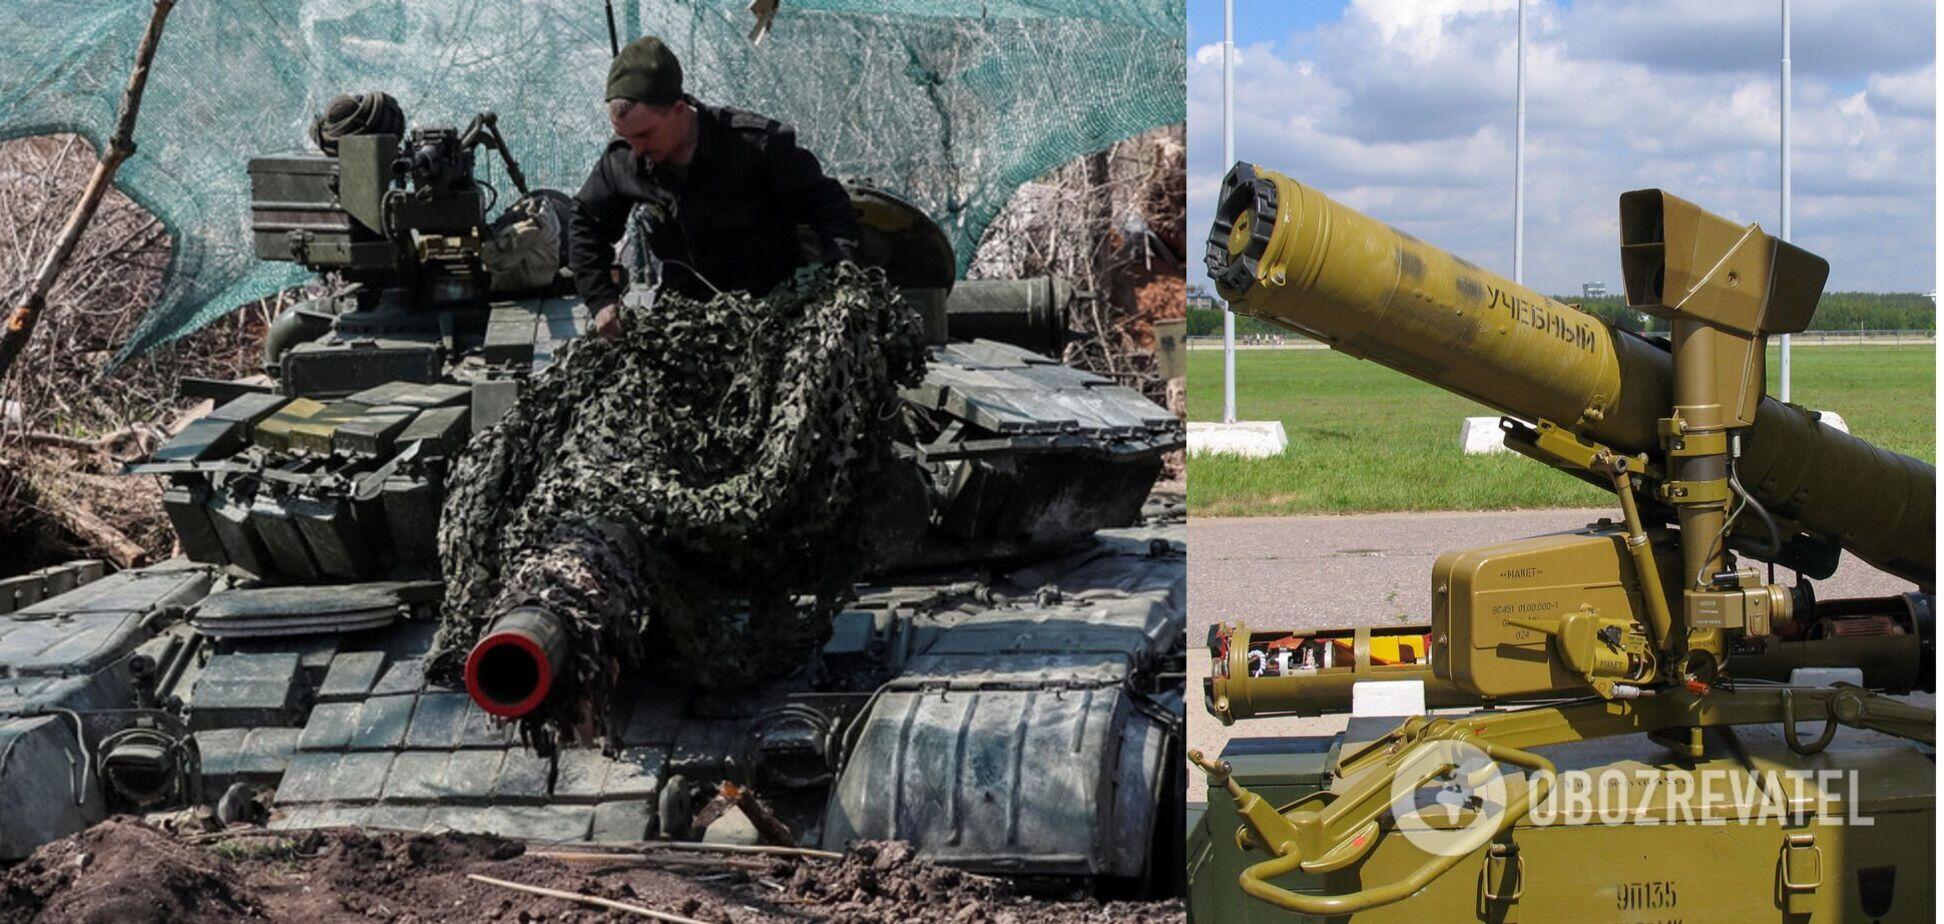 Окупанти обстріляли ЗСУ з протитанкового ракетного комплексу, є жертви. Відео